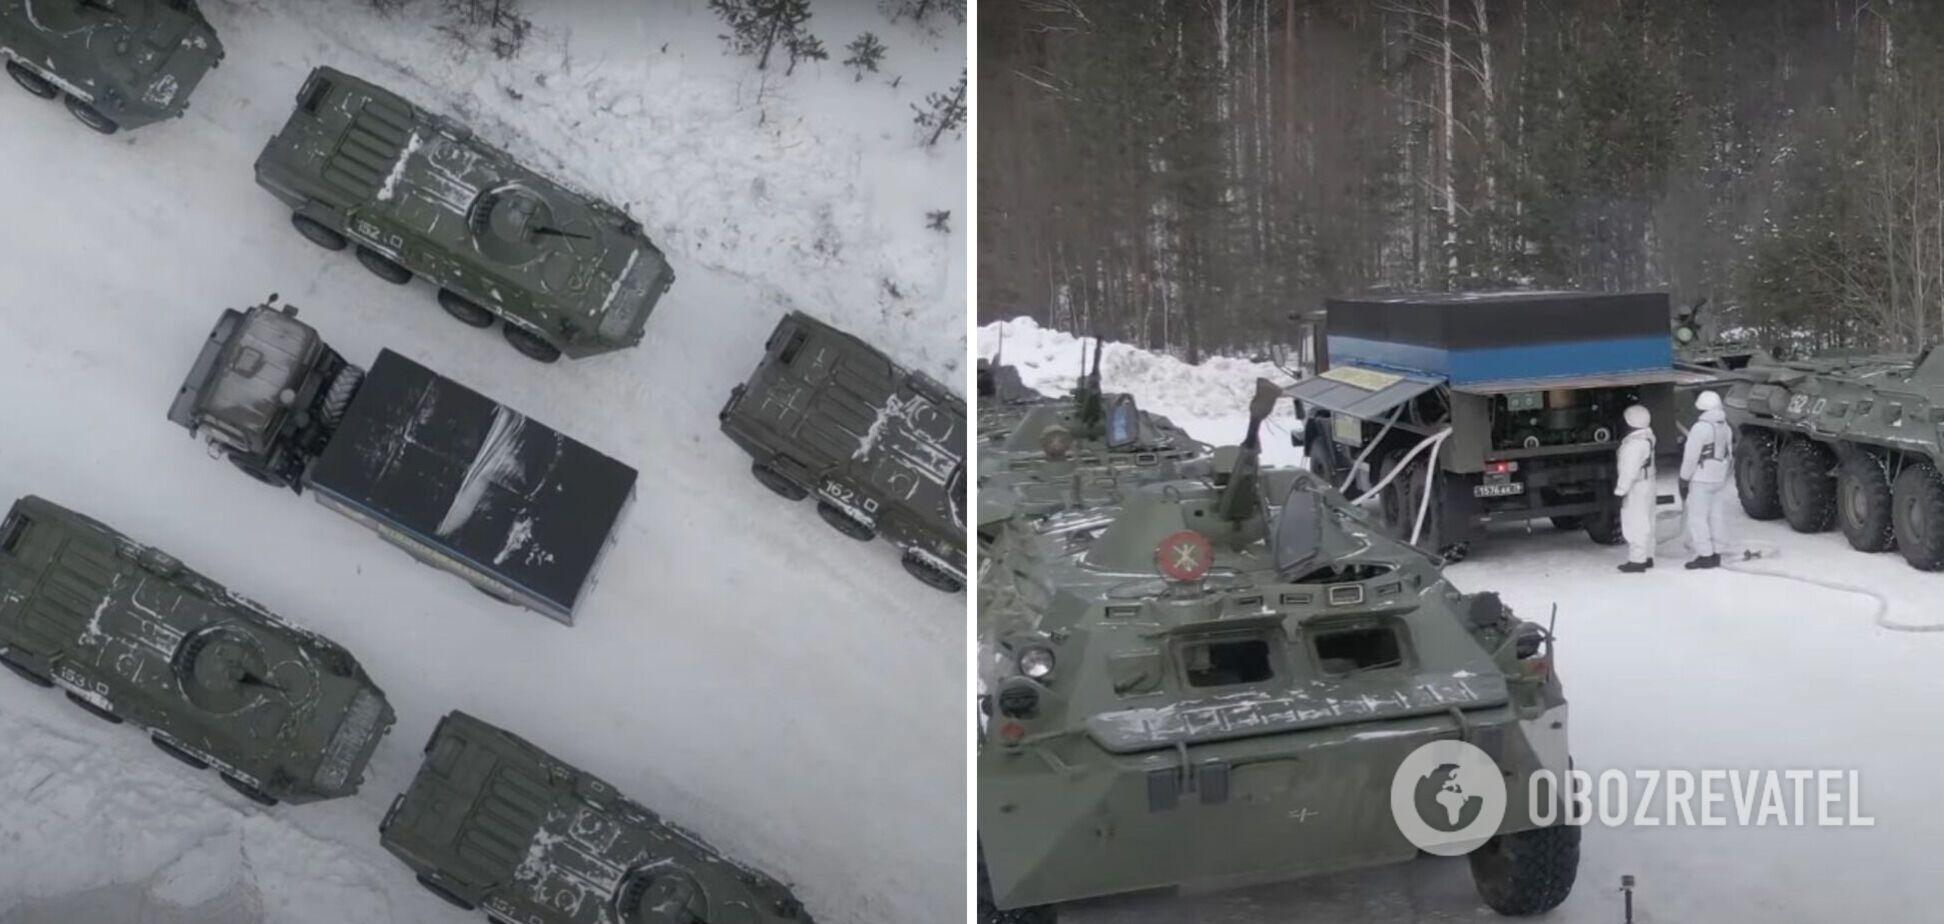 У Росії показали, як їхня армія готується коїти 'воєнні злочини'. Фото і відео